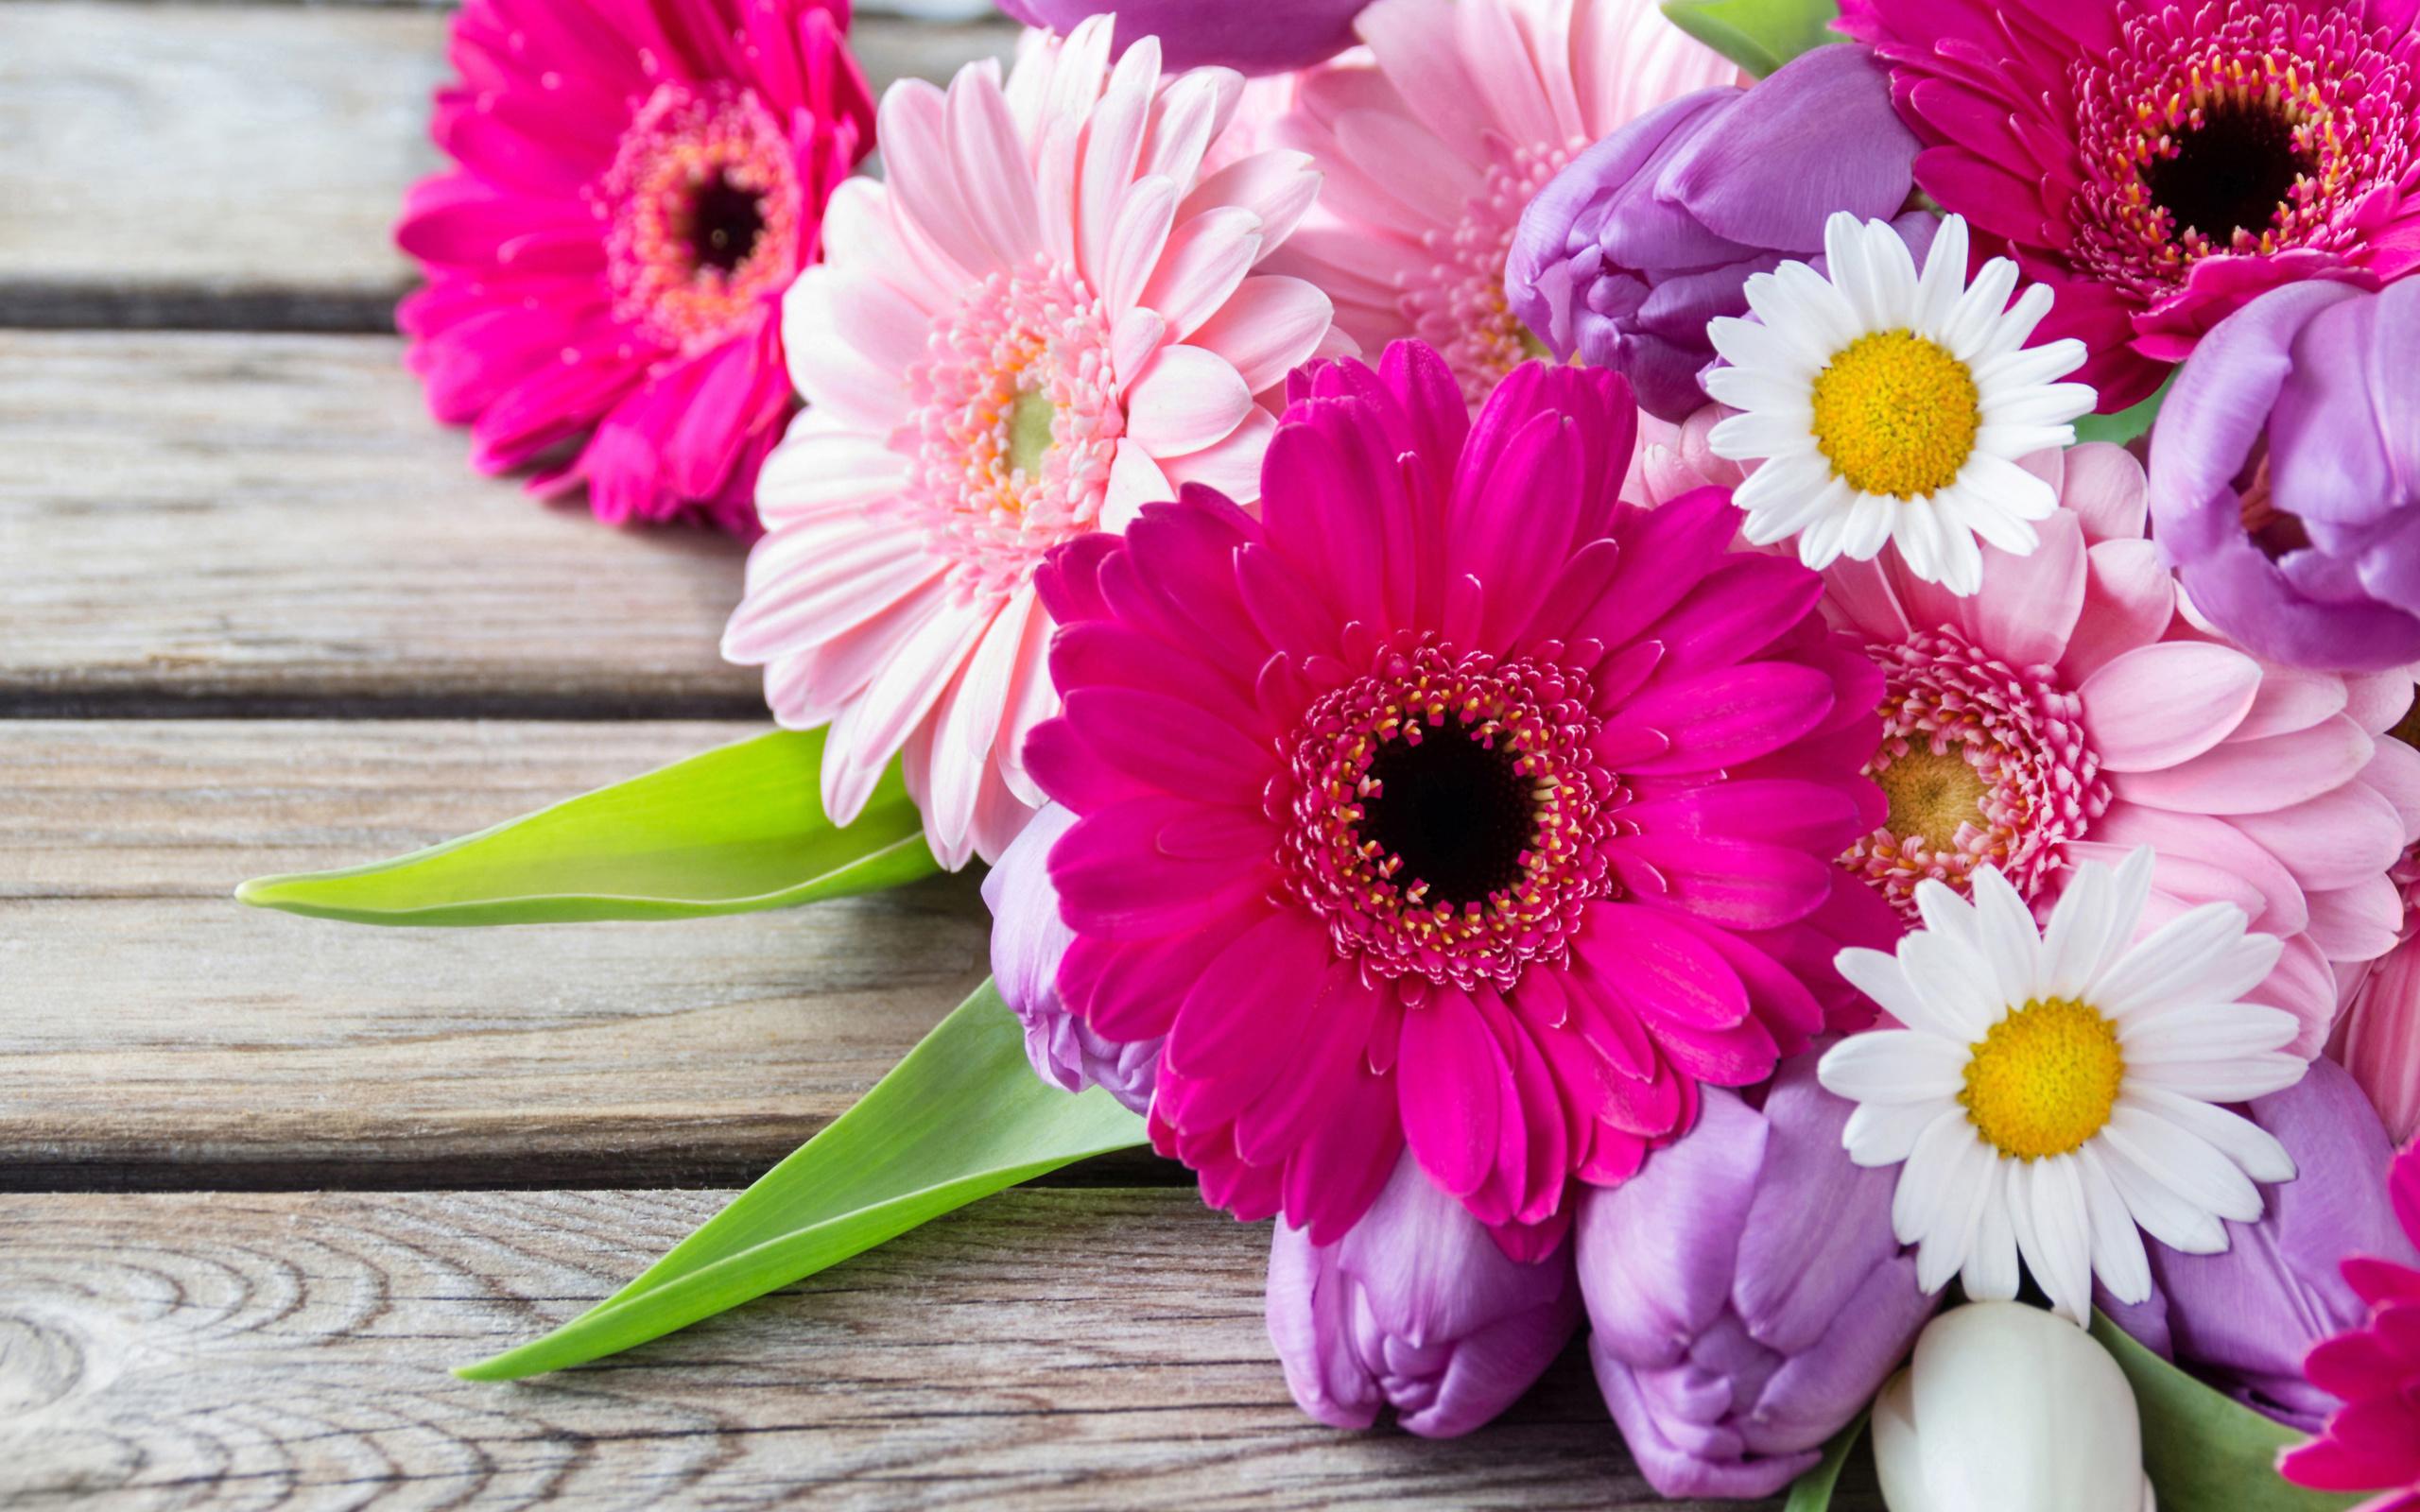 С днем рождения открытки цветы герберы, днем рождения